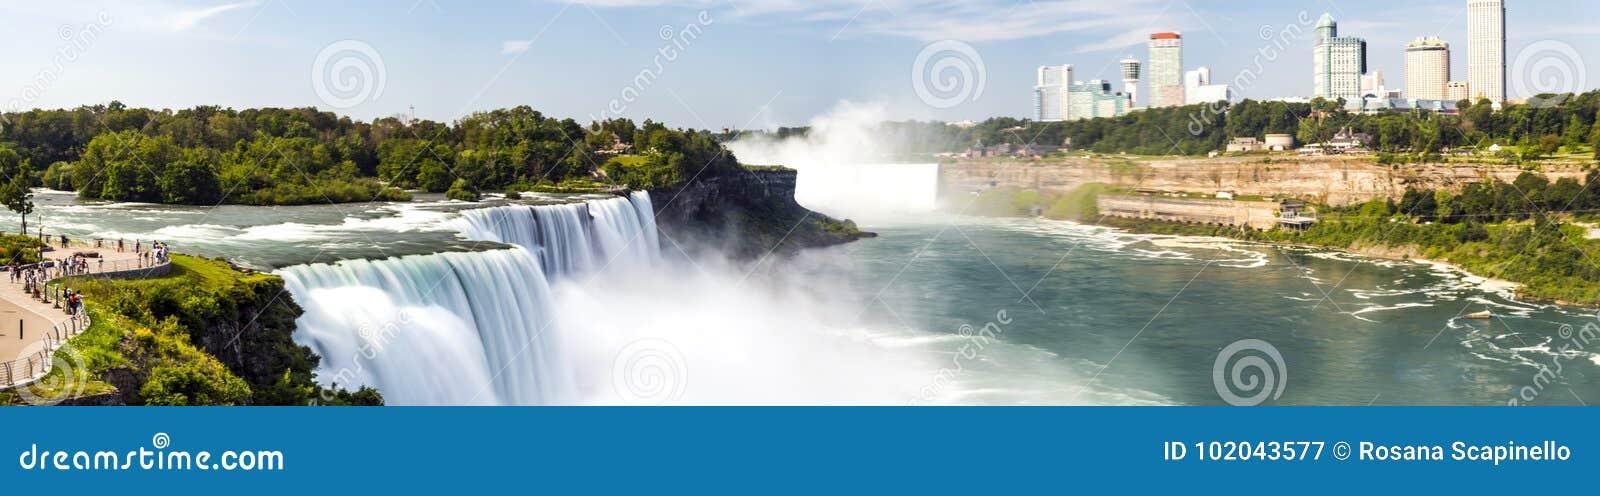 Ниагарский Водопад, панорама, долгая выдержка, silk вода - Нью-Йорк